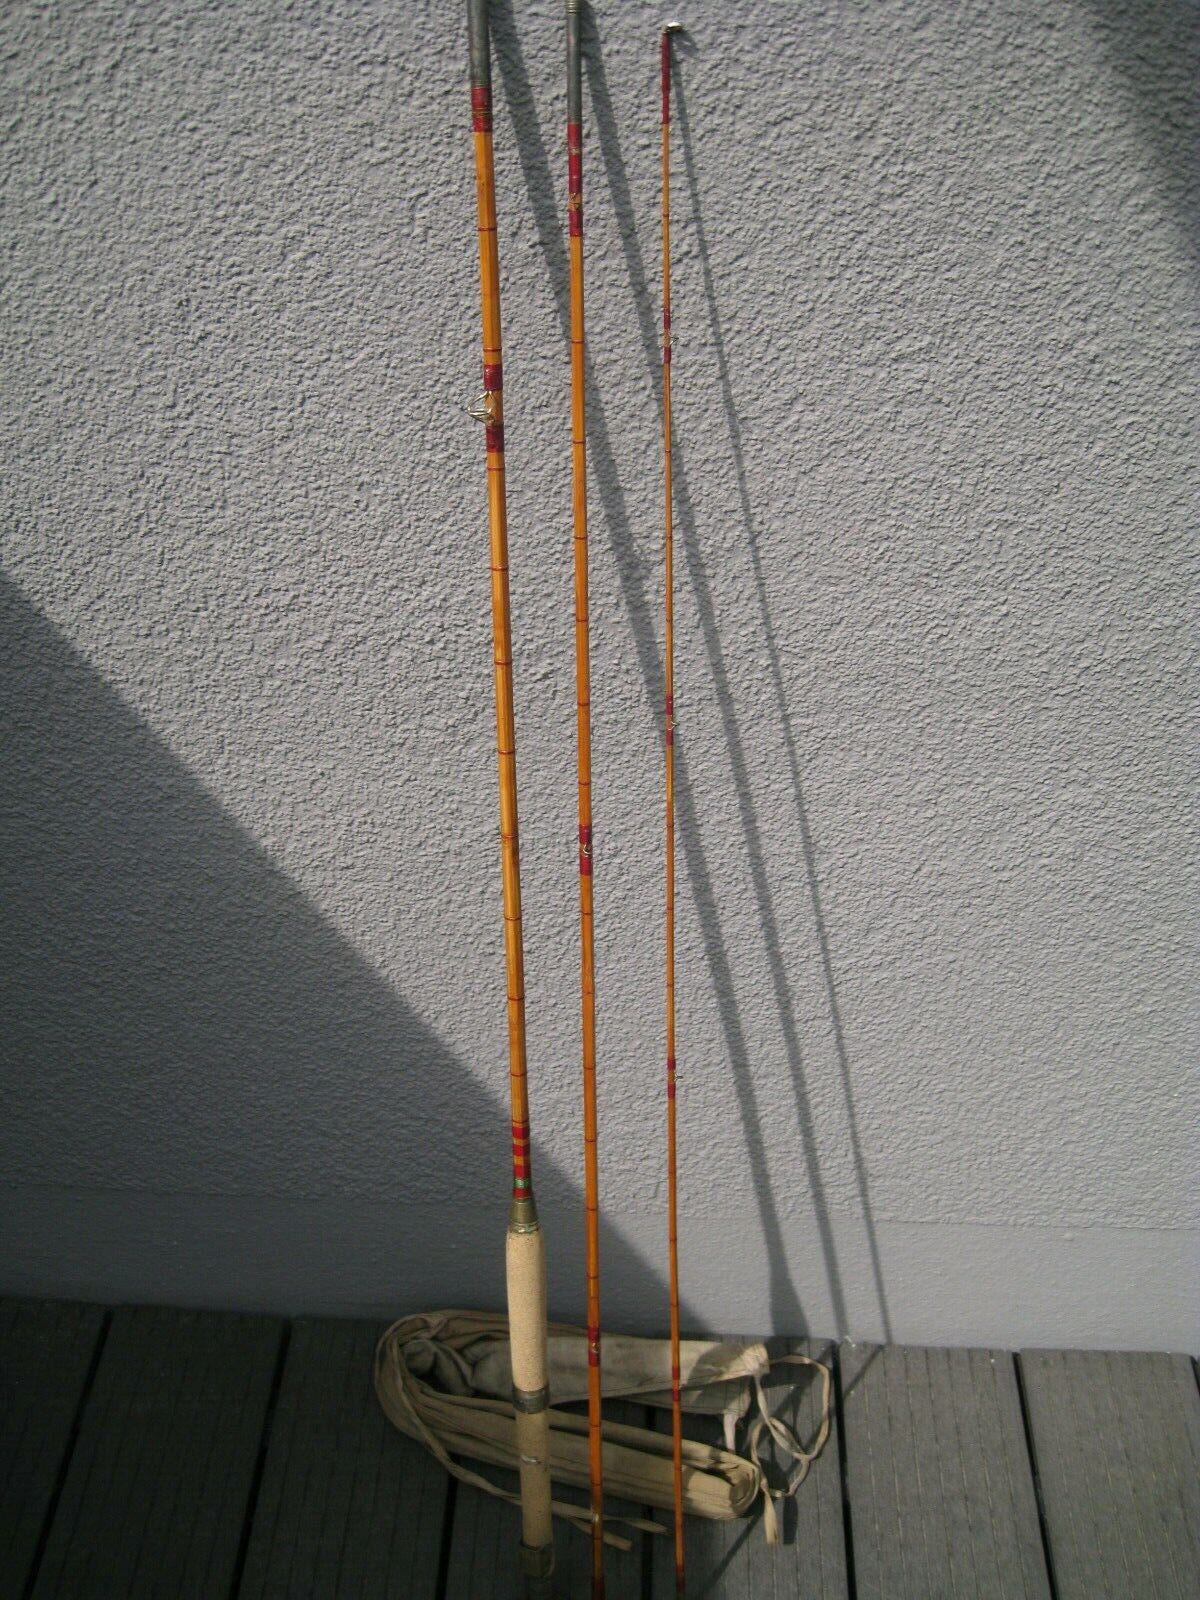 Cane Rod Fishing Pole France Carpe D'OR Marque DE FABRIQUE